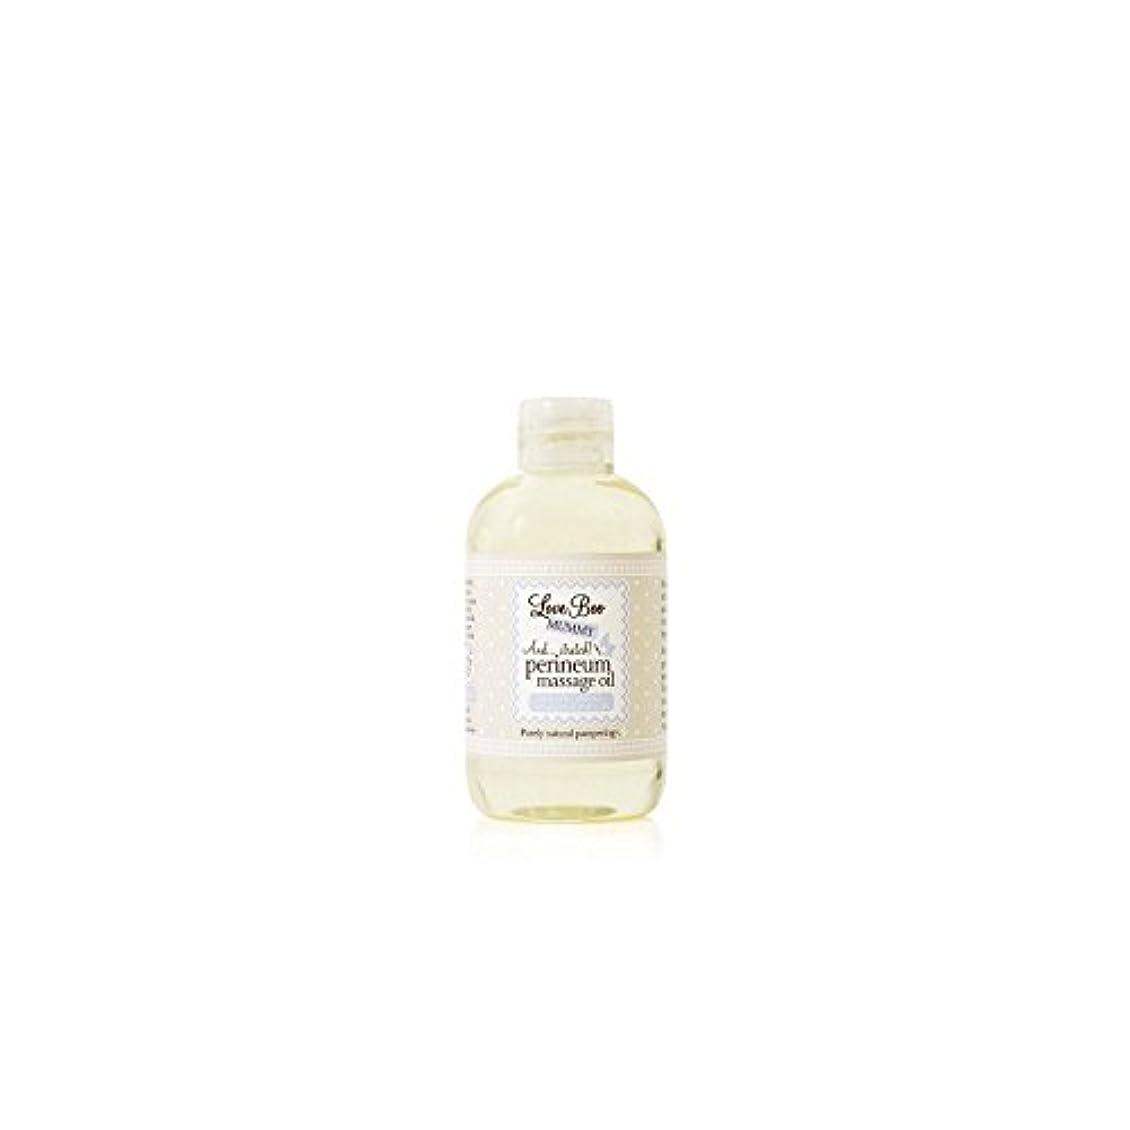 軍艦気まぐれな魔術Love Boo Perineum Massage Oil (100ml) - 会陰マッサージオイル(100)にブーイングの愛 [並行輸入品]